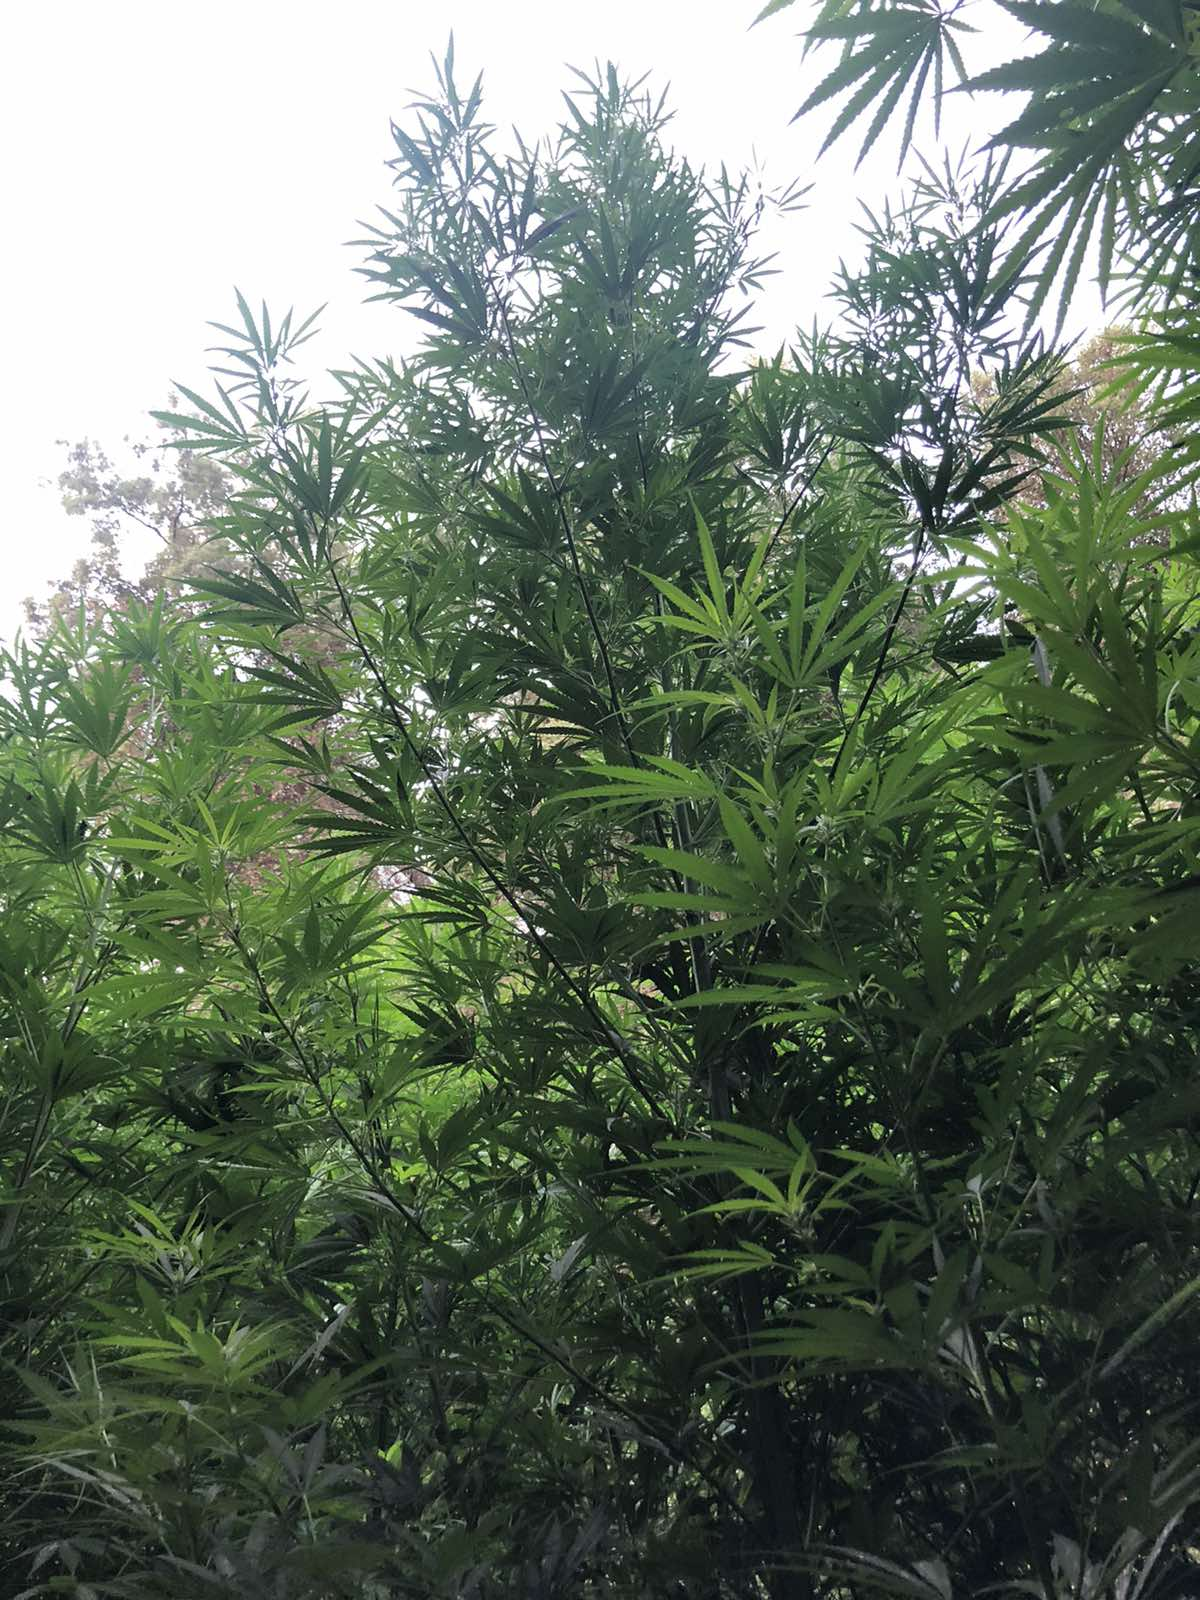 19-7-2021 Συνελήφθησαν δύο καλλιεργητές ναρκωτικών σε περιοχή της Πάτρας (4)